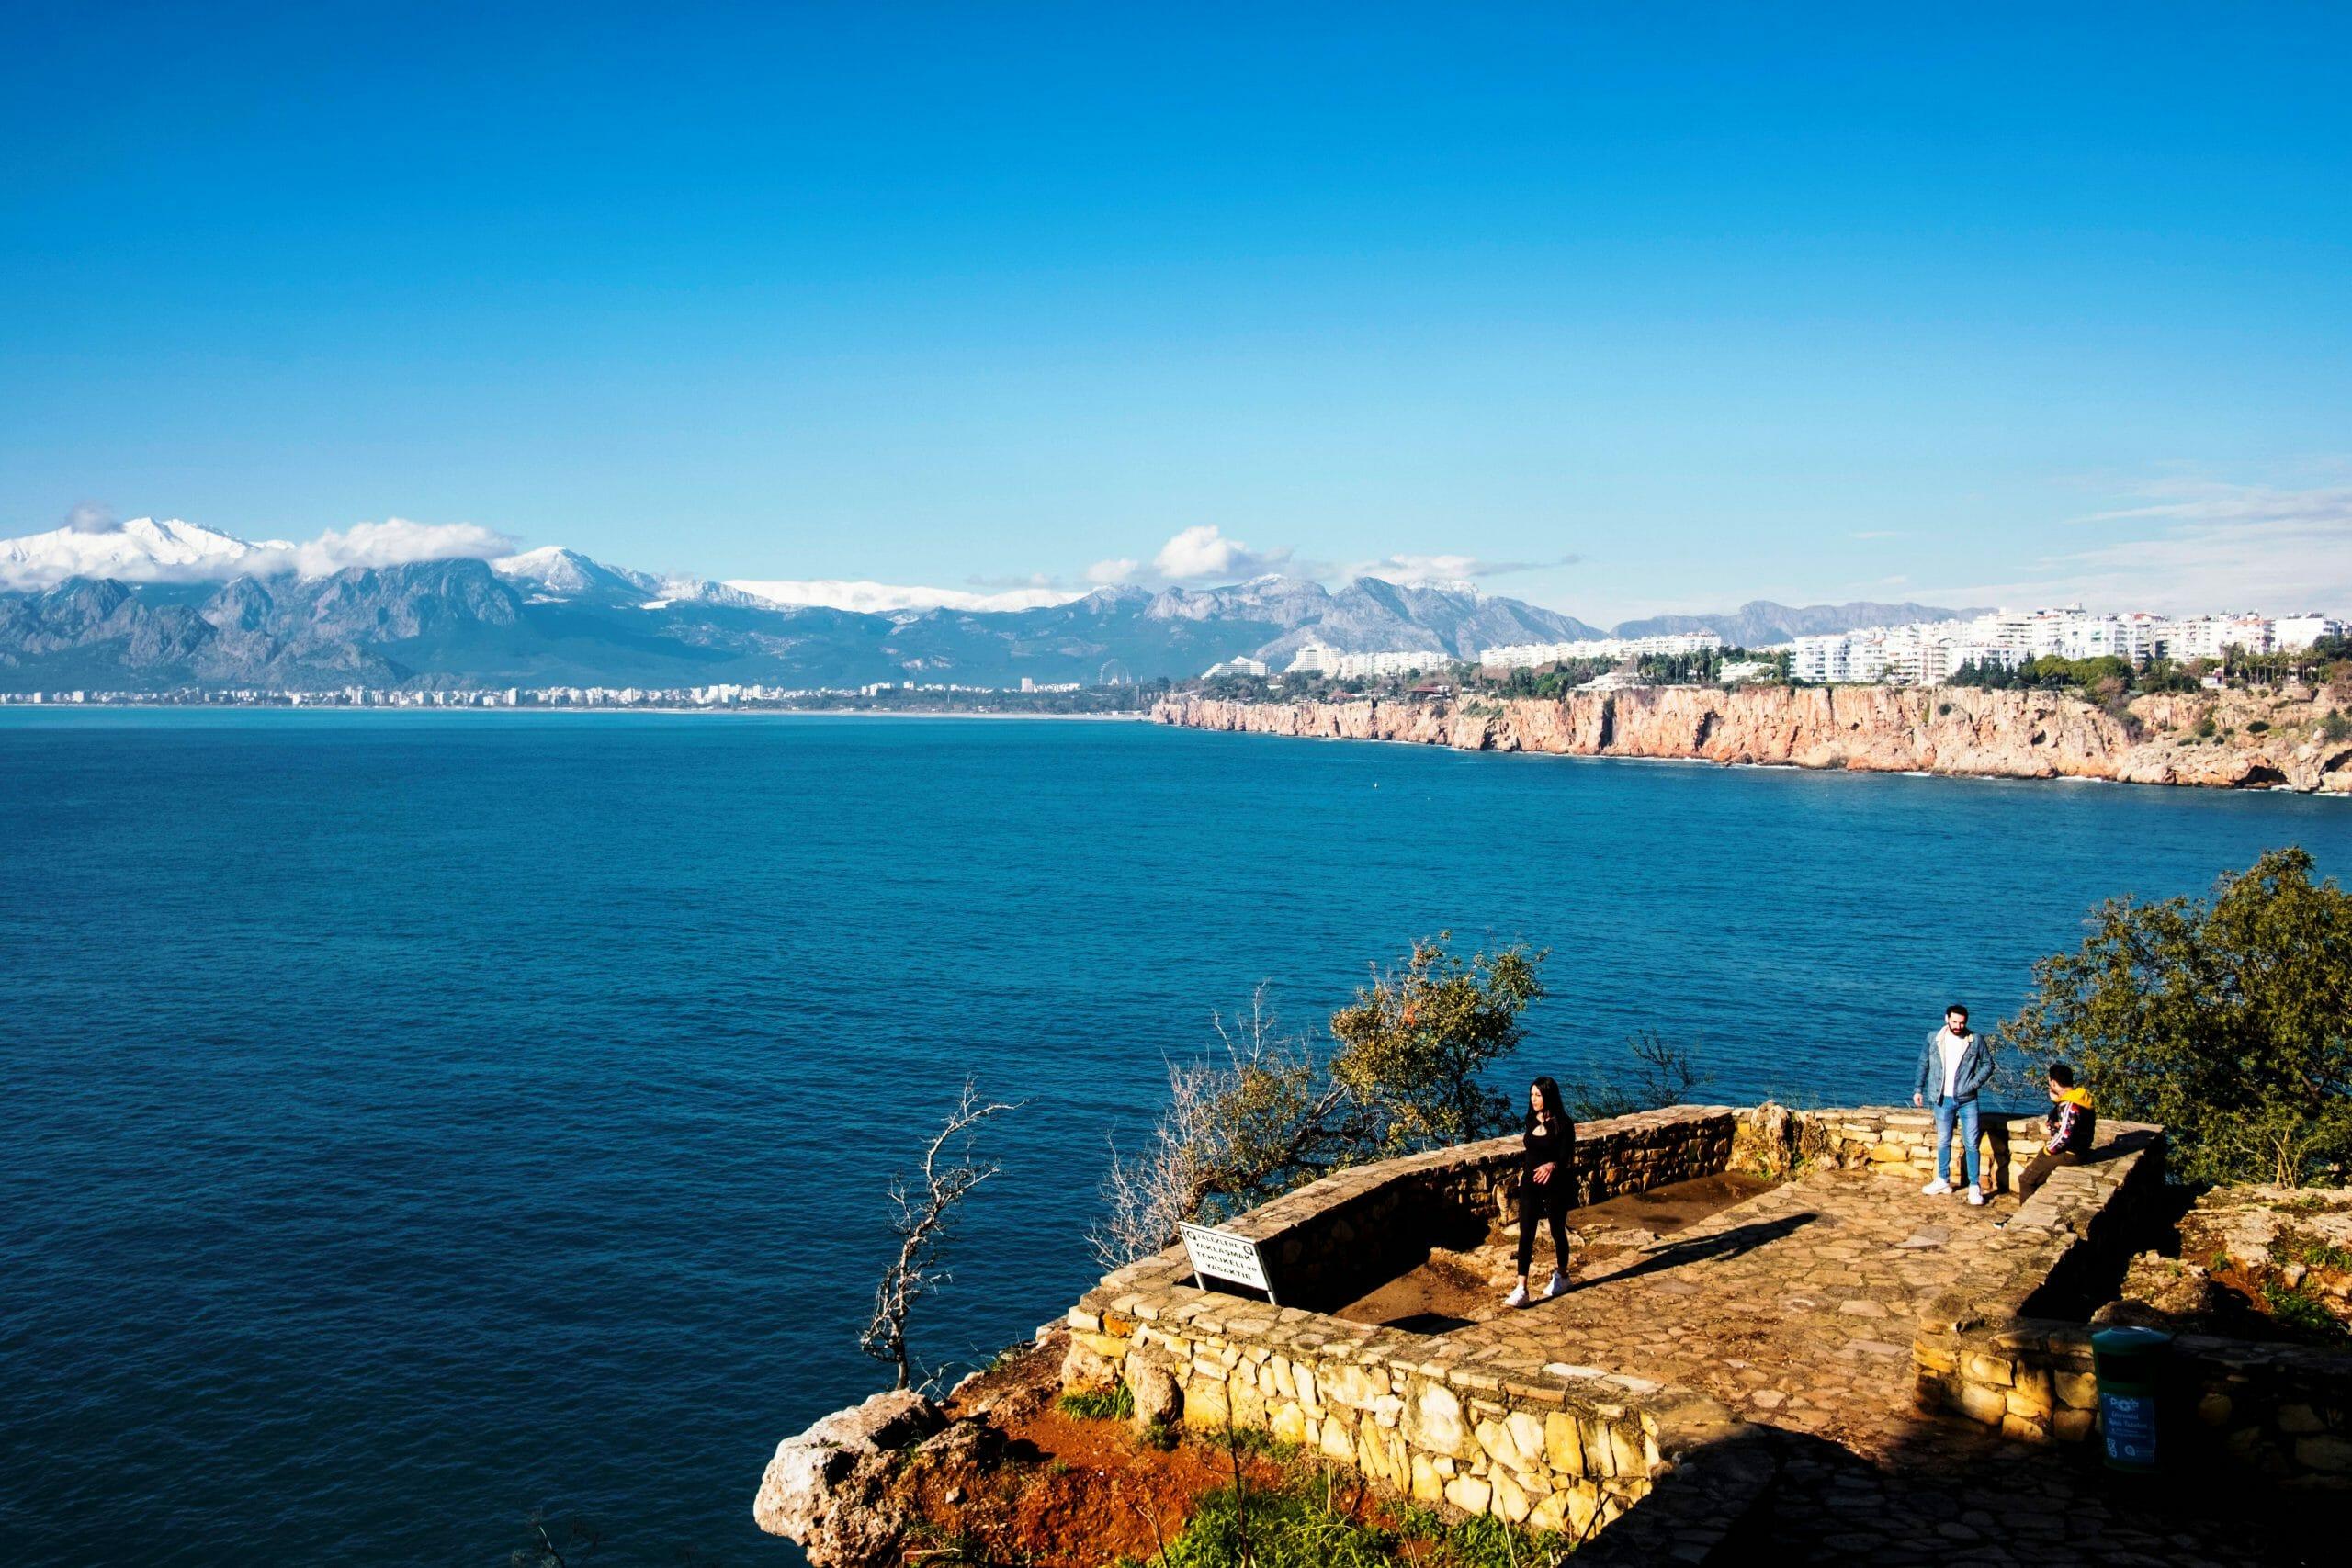 Wenigstens russische Urlauber kommen wieder in die Türkei. Im Bild ein Küstenstreifen von Antalya. (imago images/VWPics)